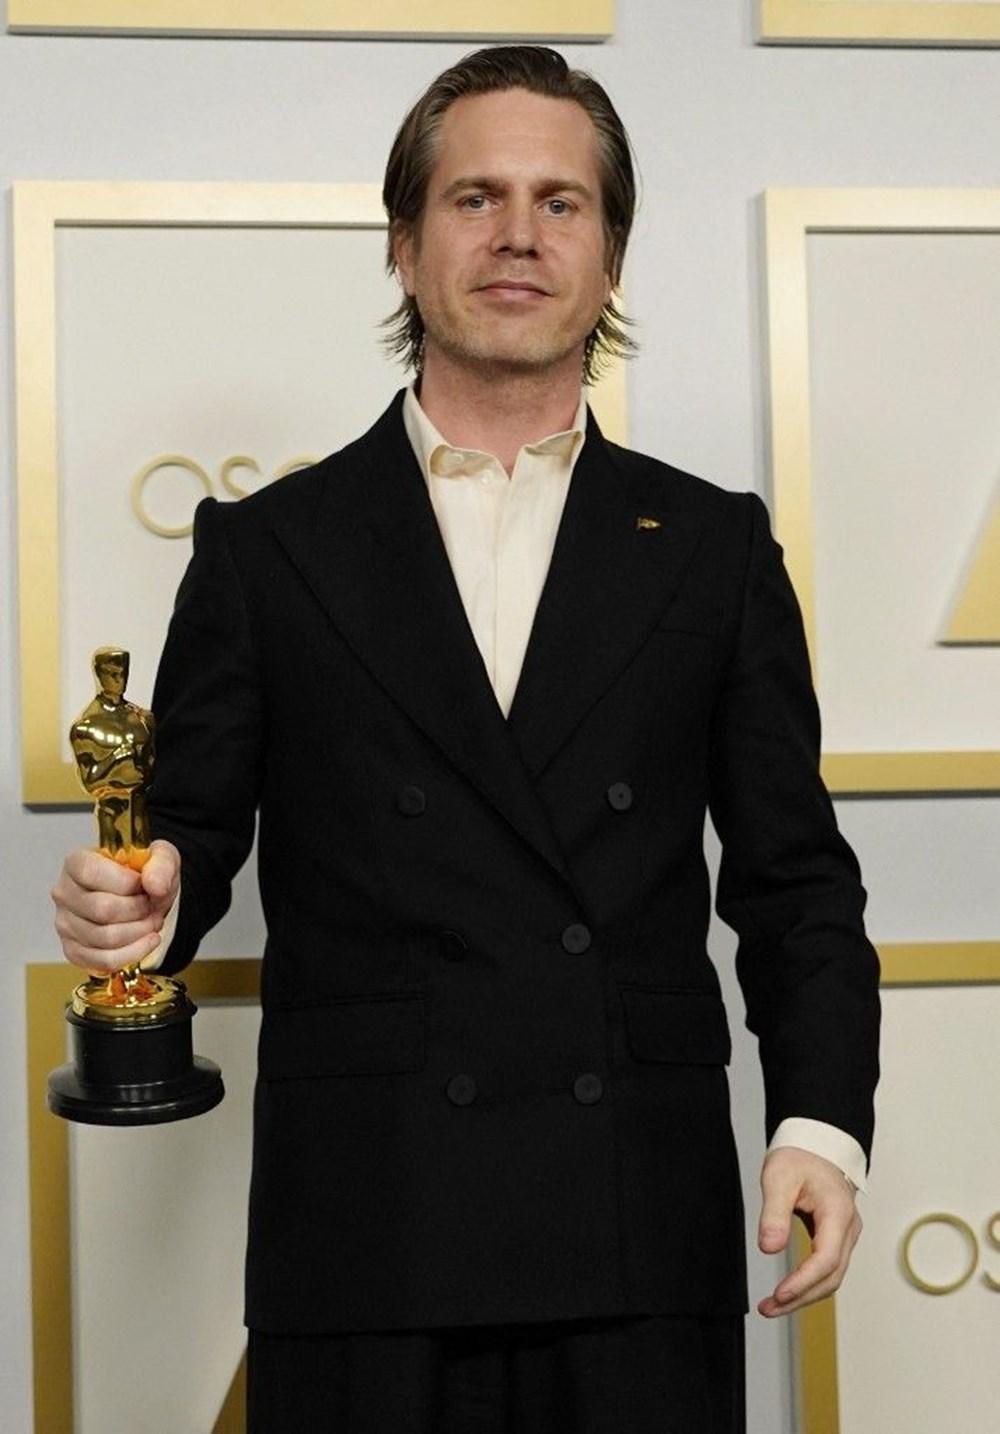 93. Oscar Ödülleri'ni kazananlar belli oldu (2021 Oscar Ödülleri'nin tam listesi) - 22